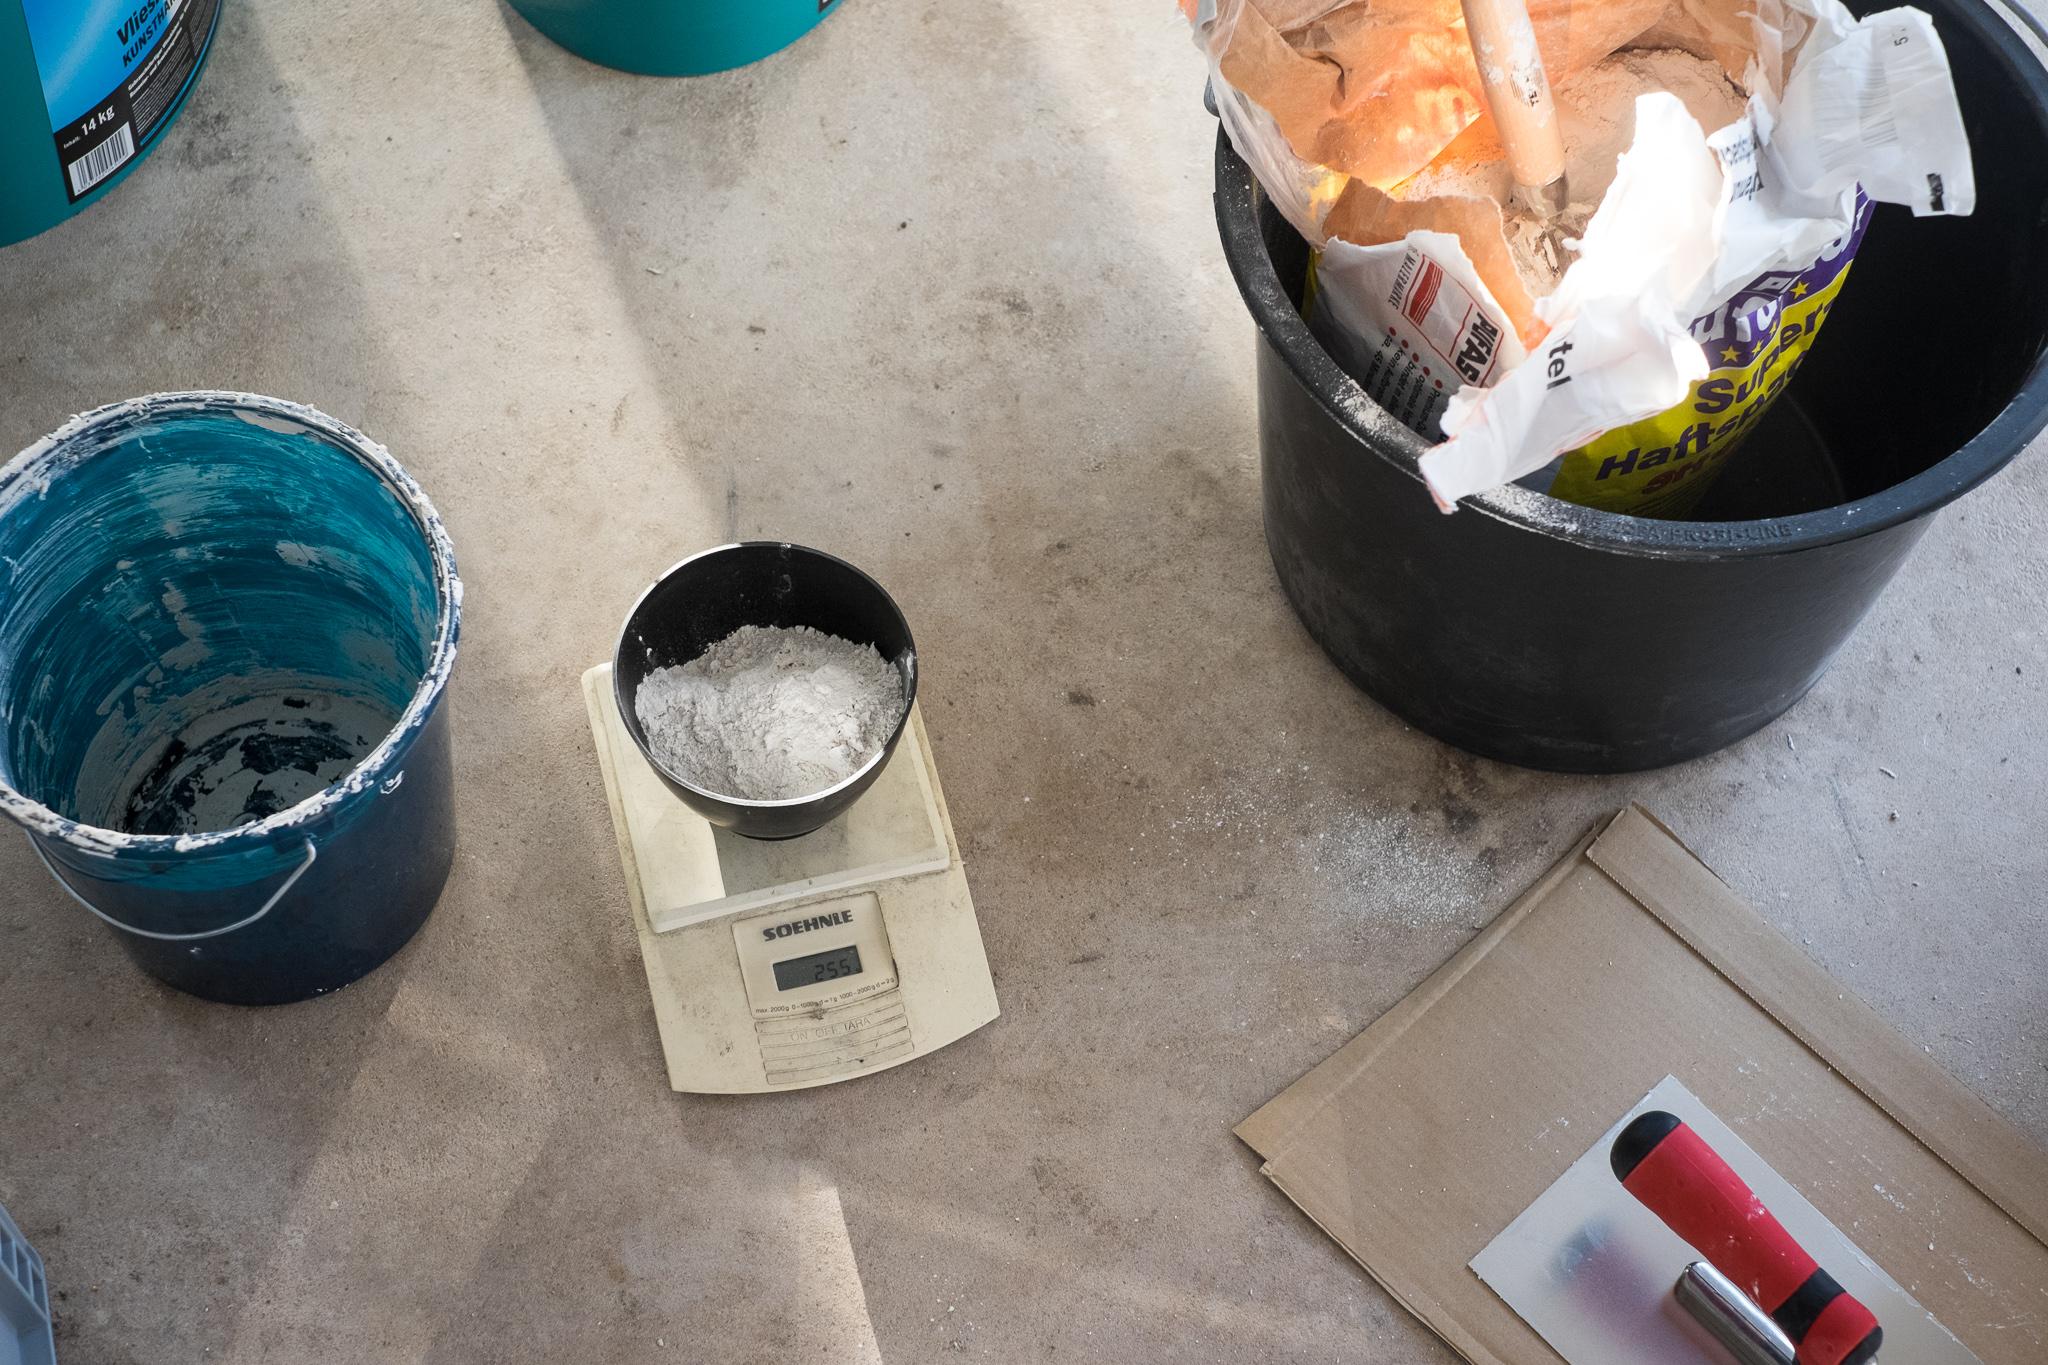 spachteln spachteln spachteln ein haus f r den zwerg. Black Bedroom Furniture Sets. Home Design Ideas